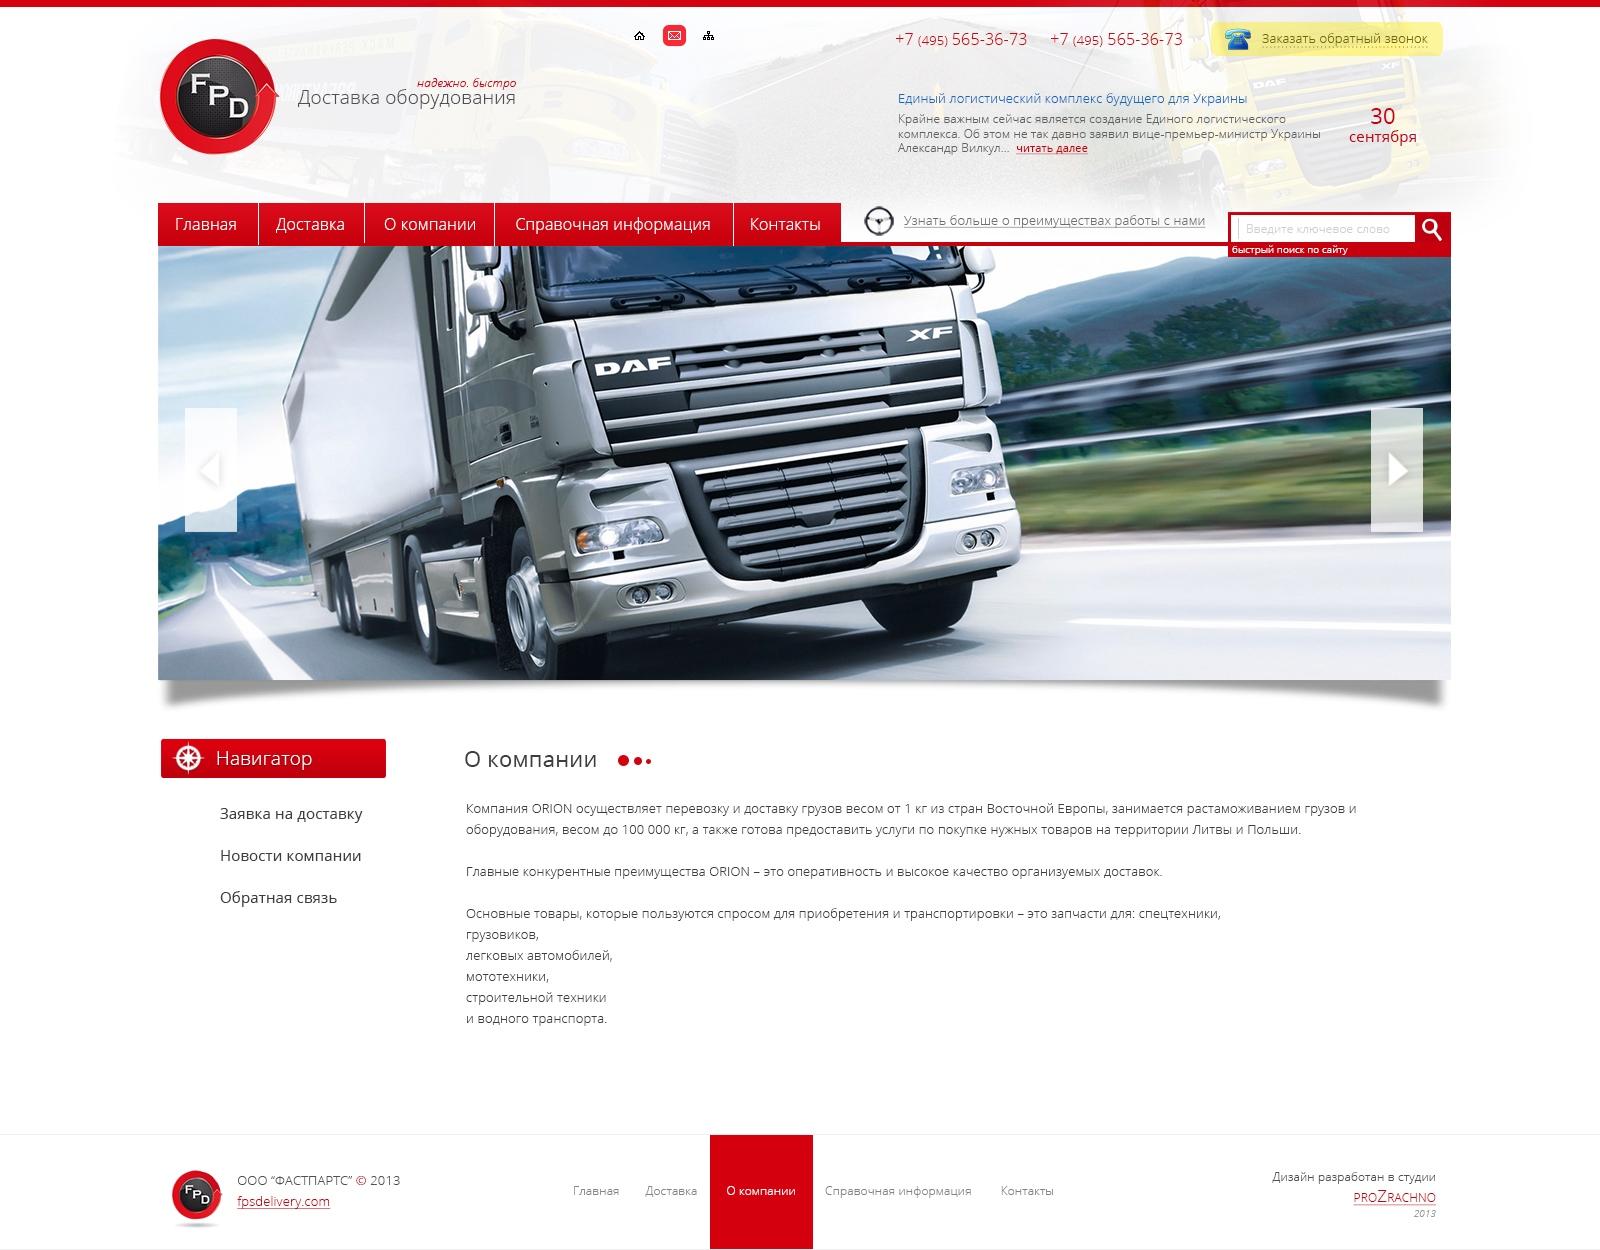 Описание транспортной компании для сайта примеры счет на продвижение сайта